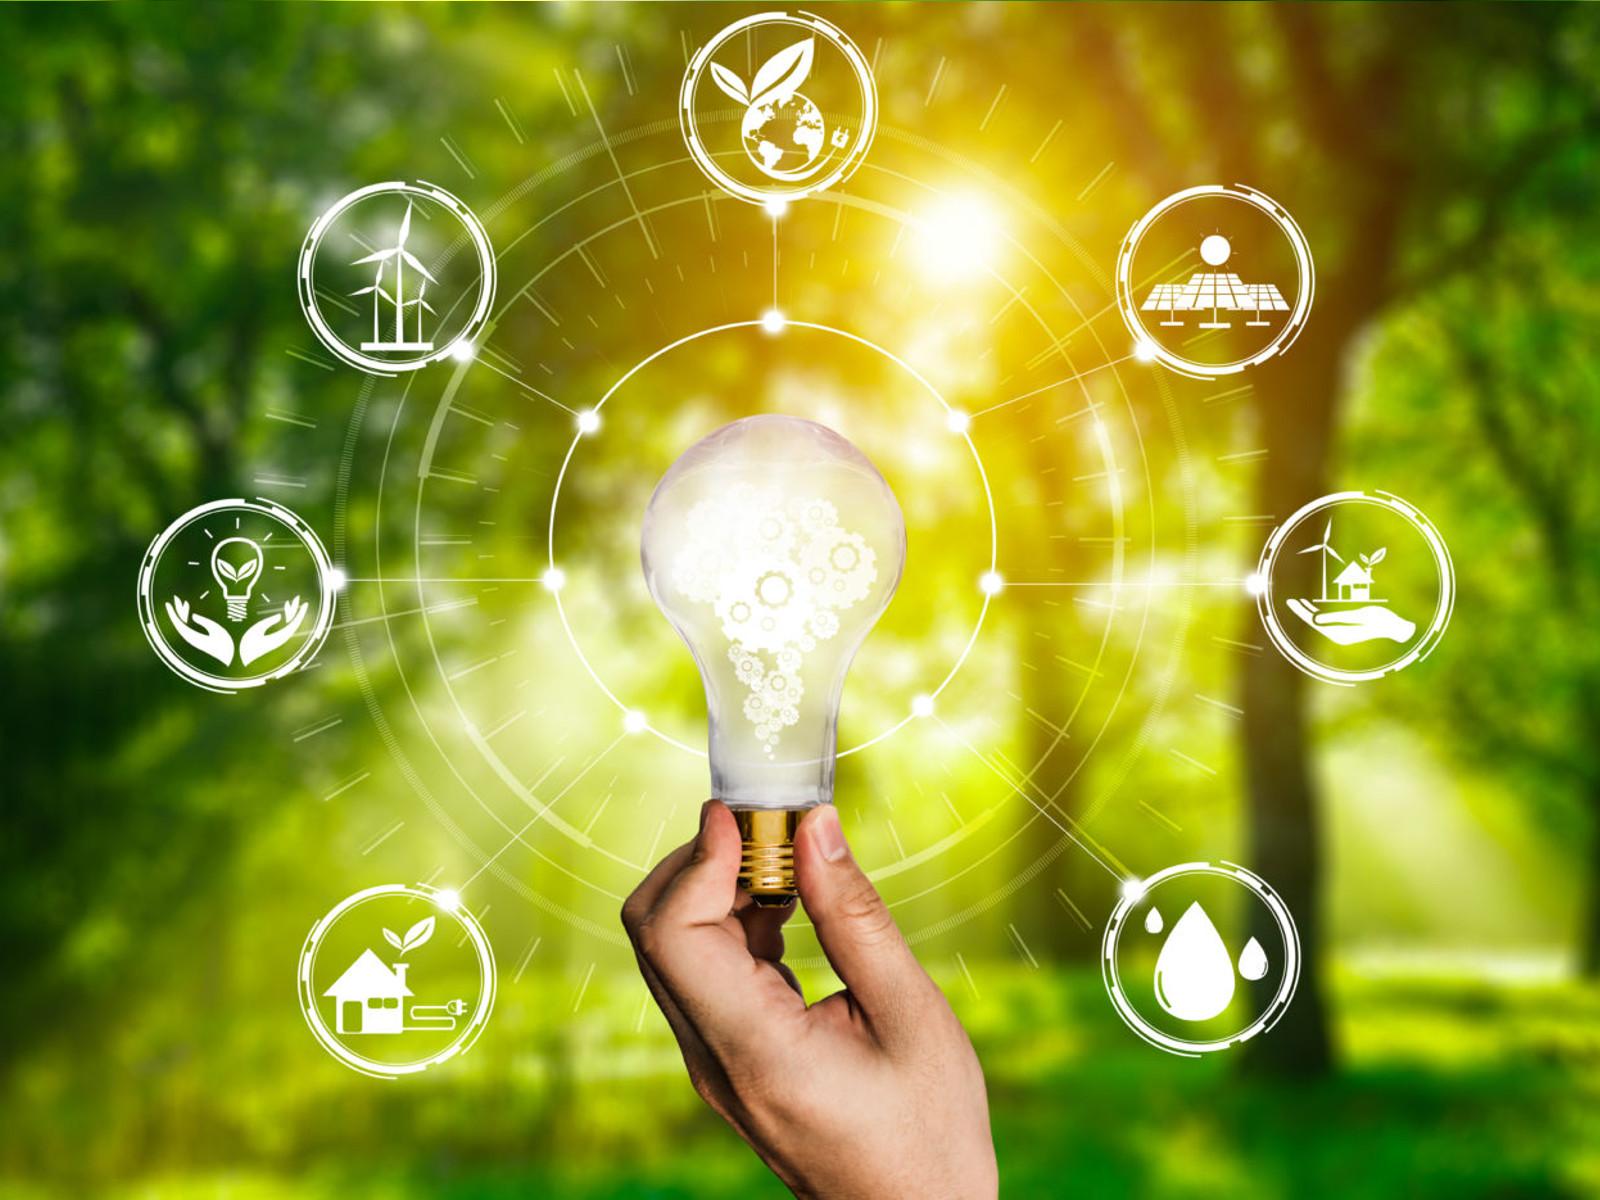 AGGIORNAMENTO PERMANENTEVIA WEB  Sustainability and environment: business strategies in comparison